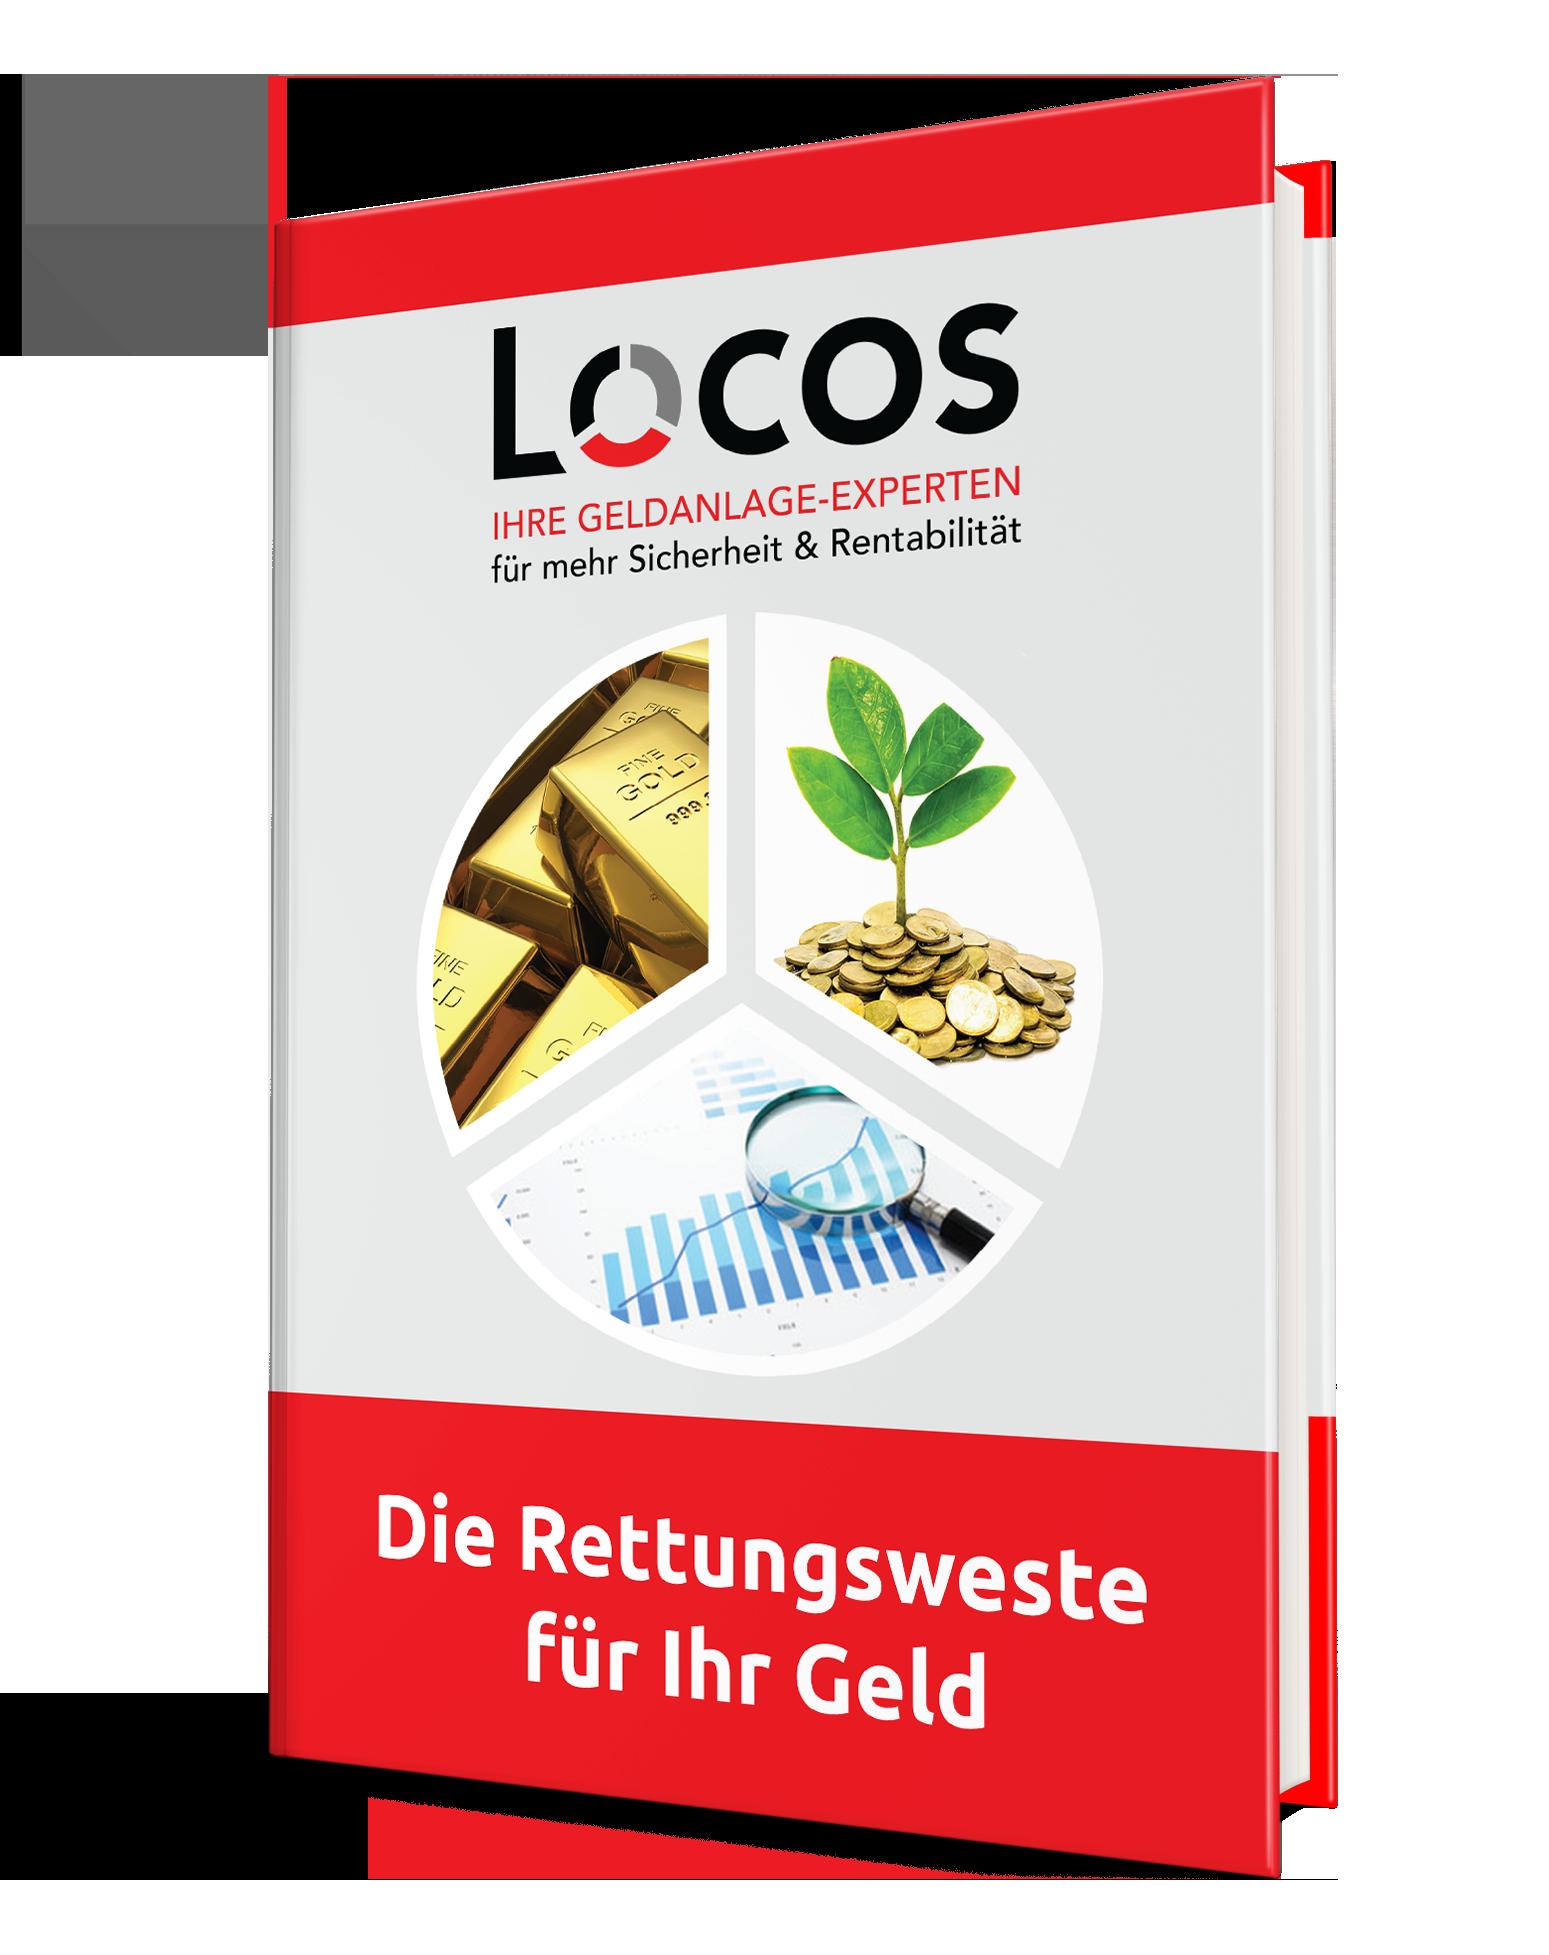 Locos Deutschland Gmbh Co Kg Finanzberatung In Fulda